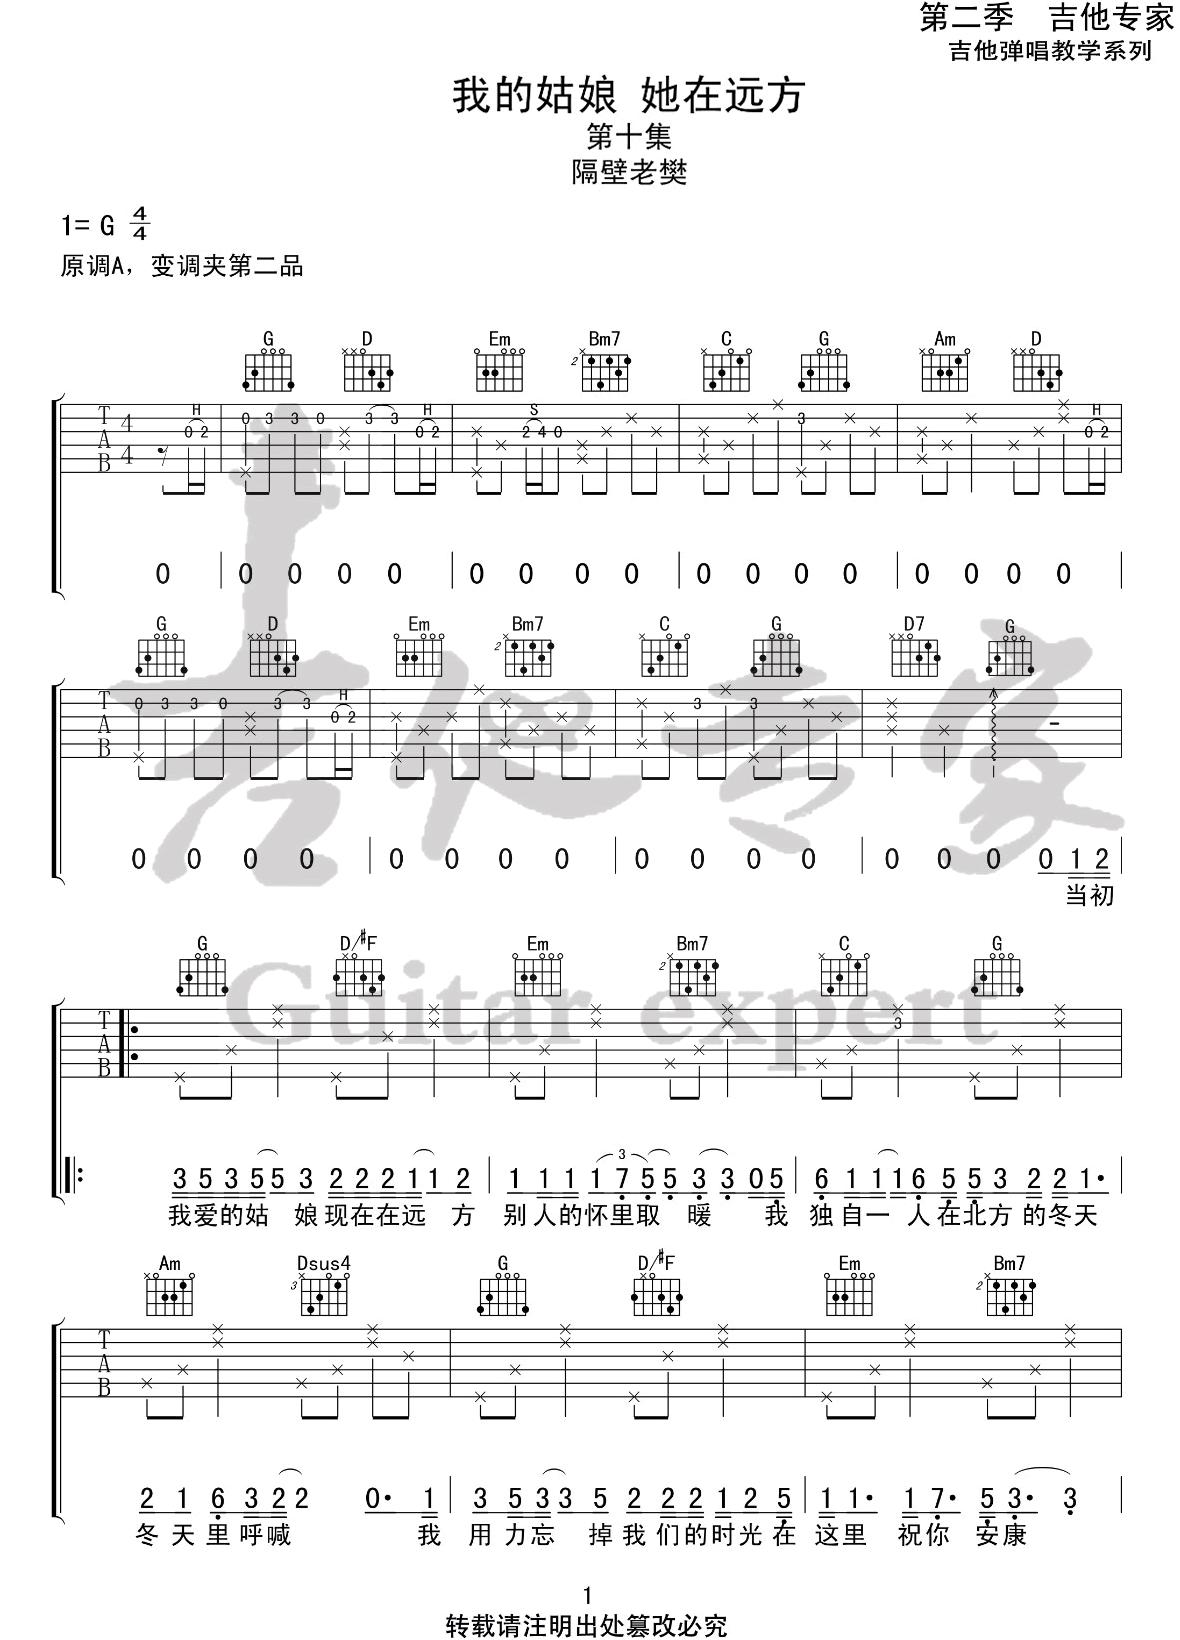 《我的姑娘她在远方》吉他谱_隔壁老樊_G调弹唱谱_高清六线谱1